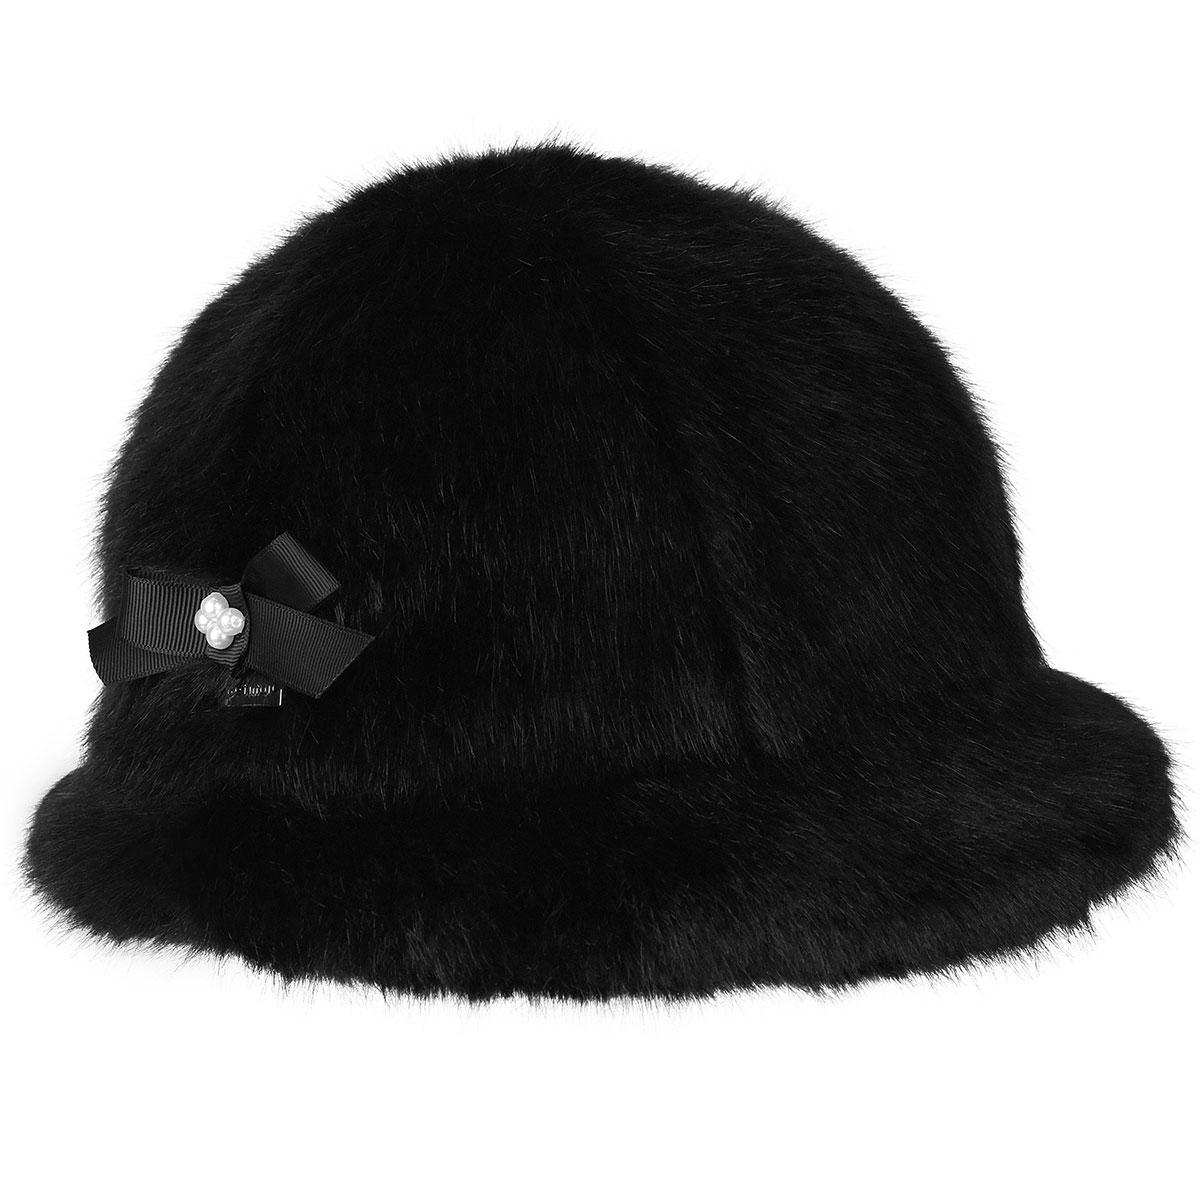 1920s Style Hats Suzette Faux Fur Cloche $30.80 AT vintagedancer.com